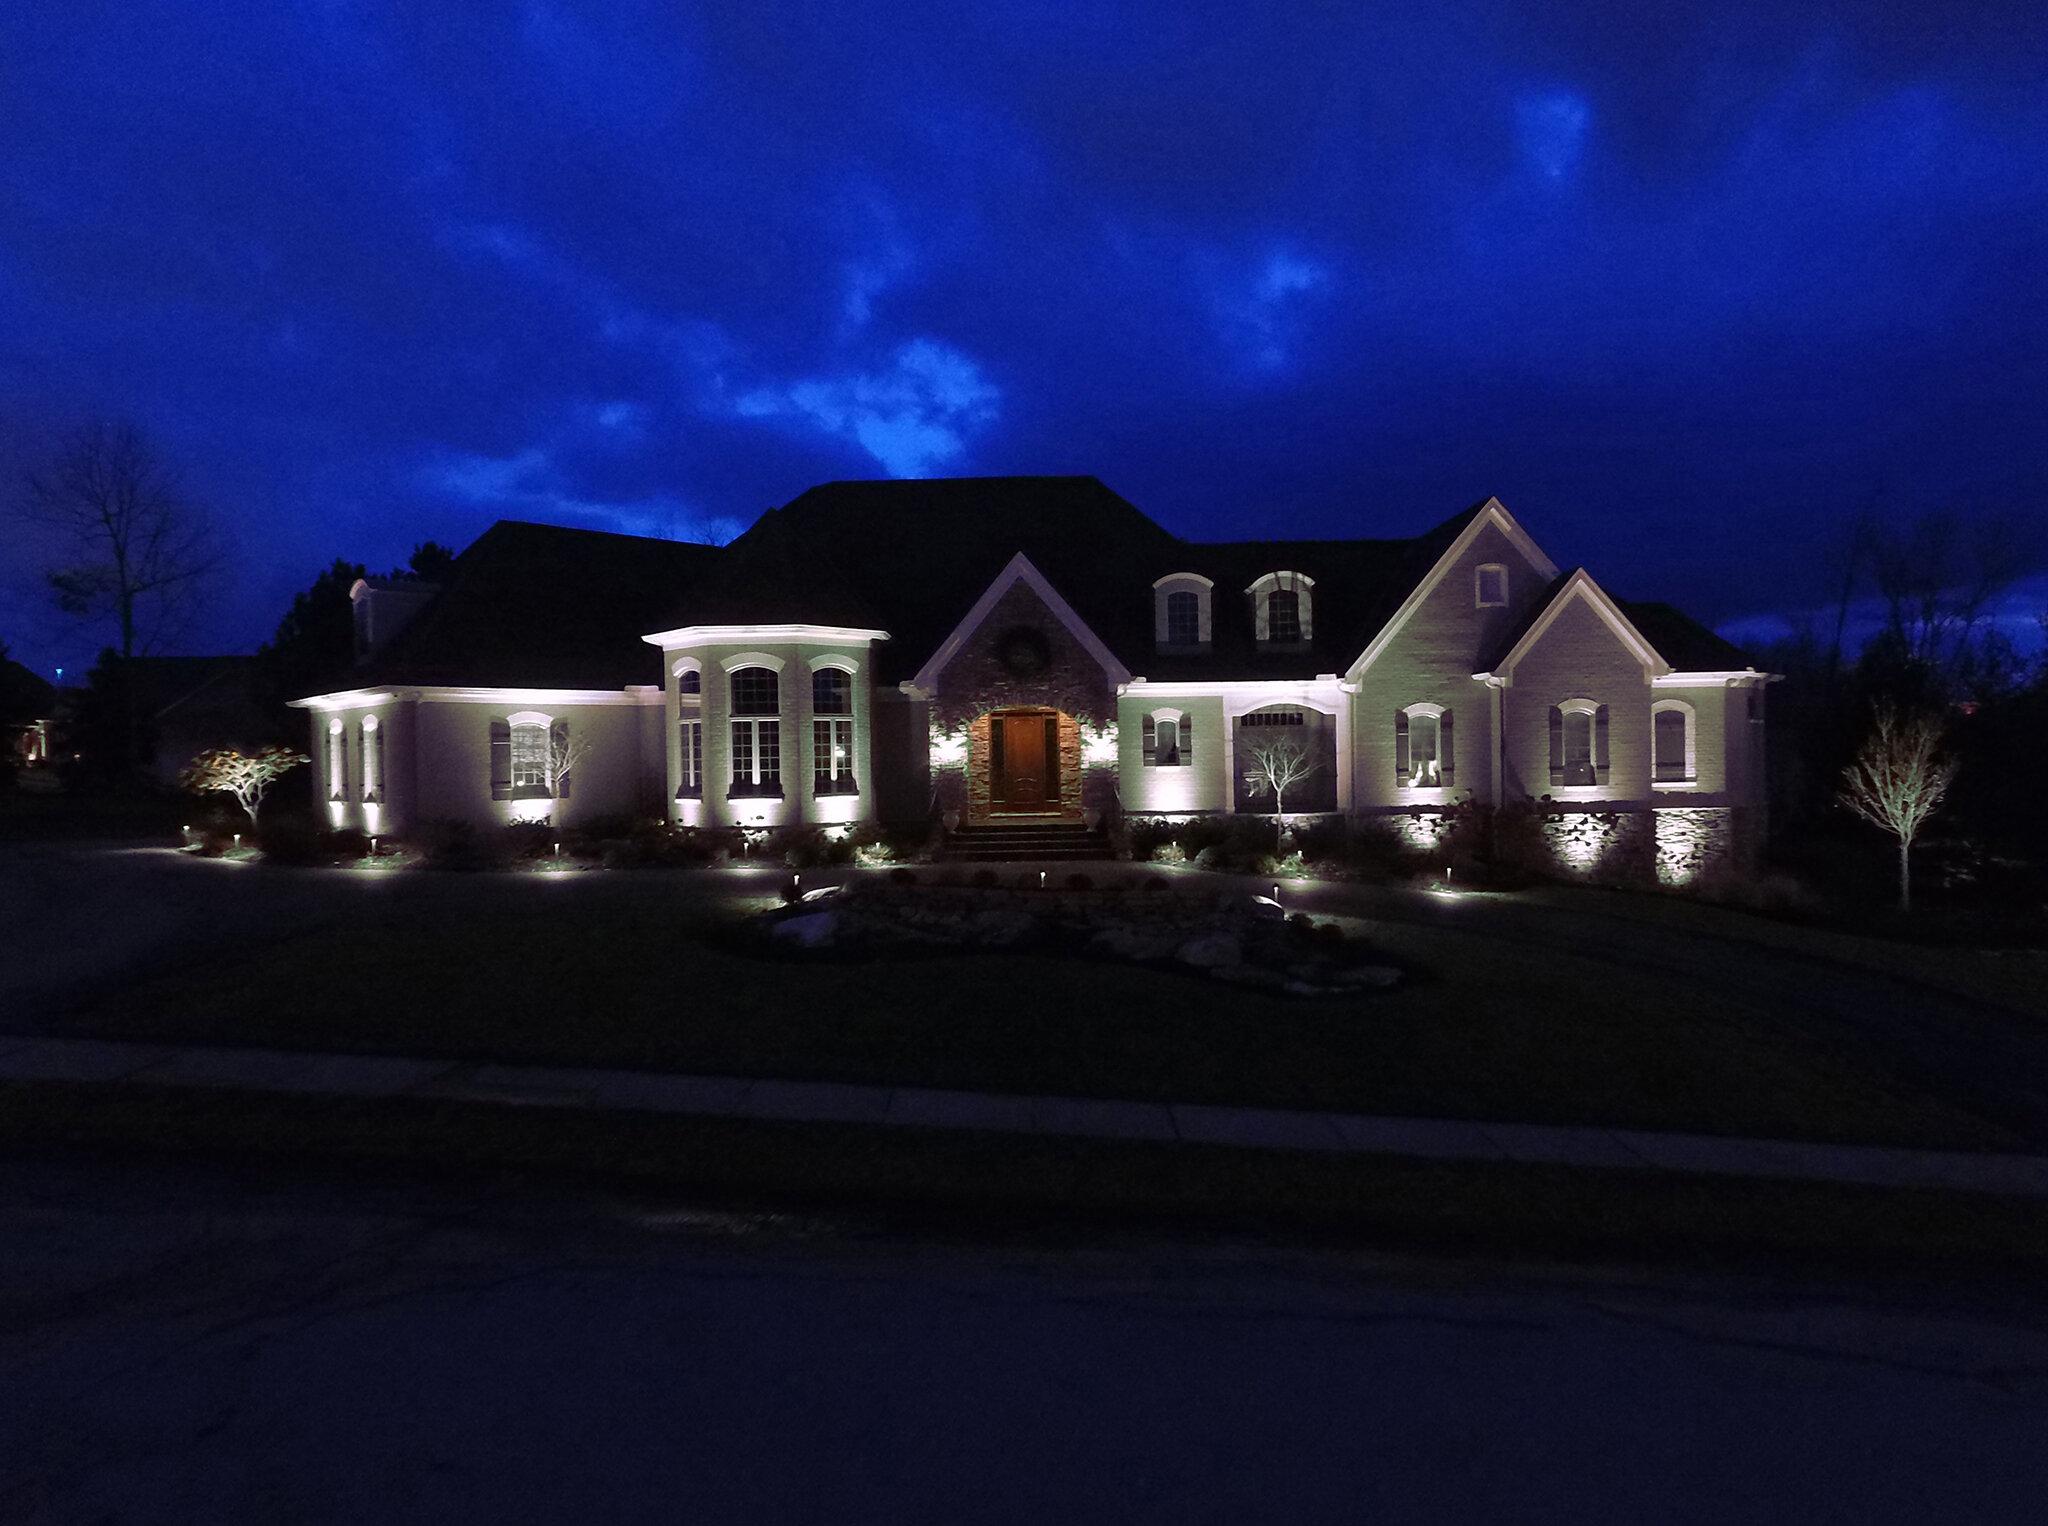 Home illuminated with white lighting